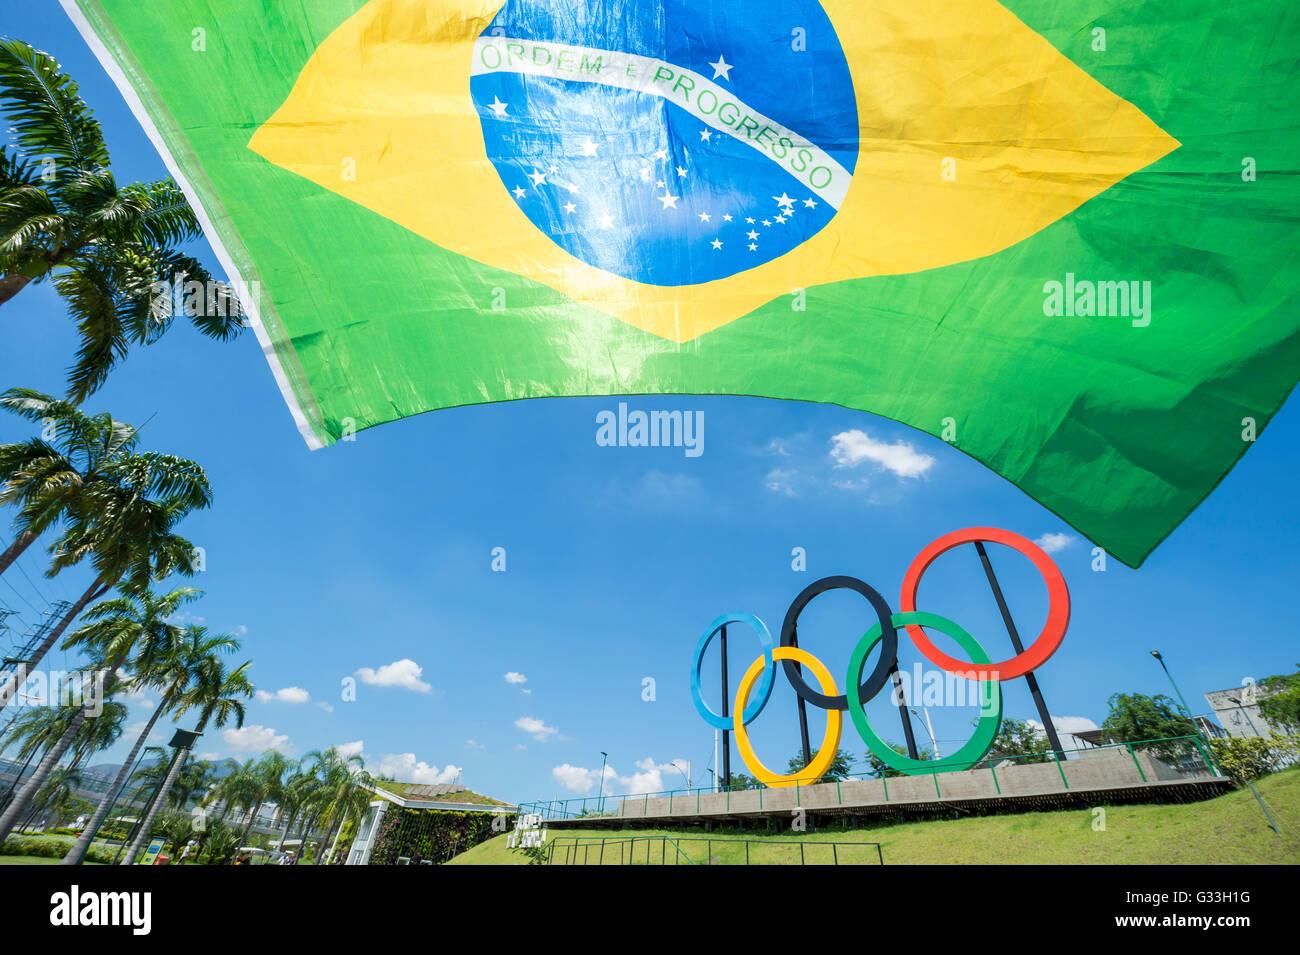 RIO DE JANEIRO - le 18 mars 2016: un drapeau du Brésil s'arrête en face de l'affichage des Photo Stock